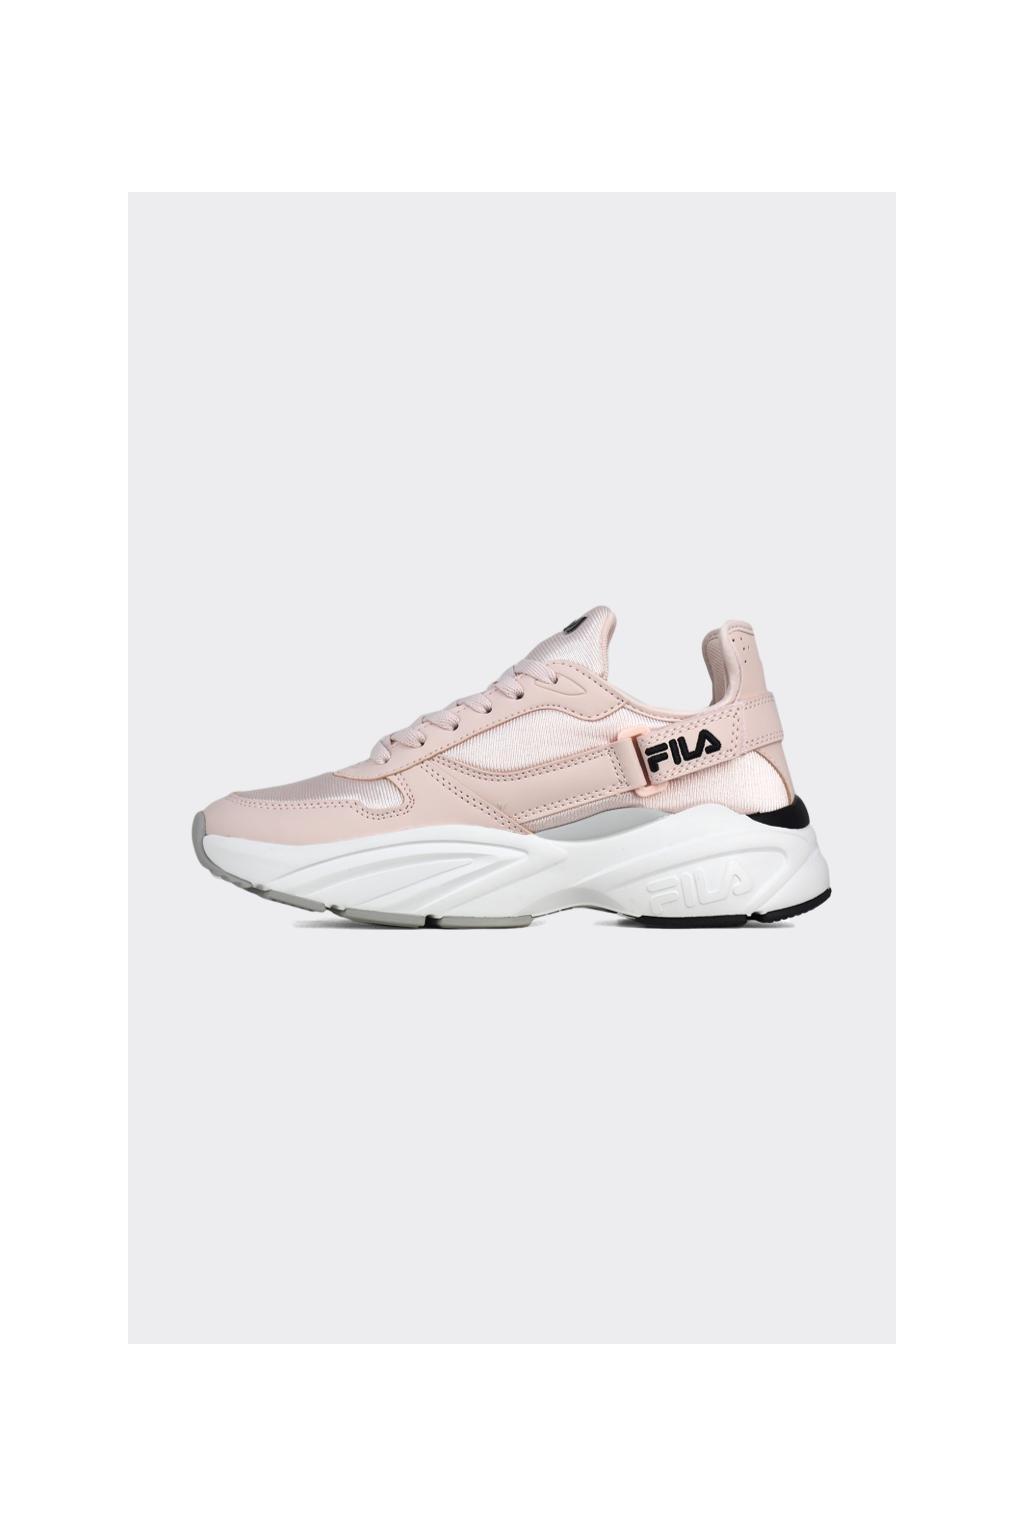 FILA Dynamico tenisky dámské - růžová